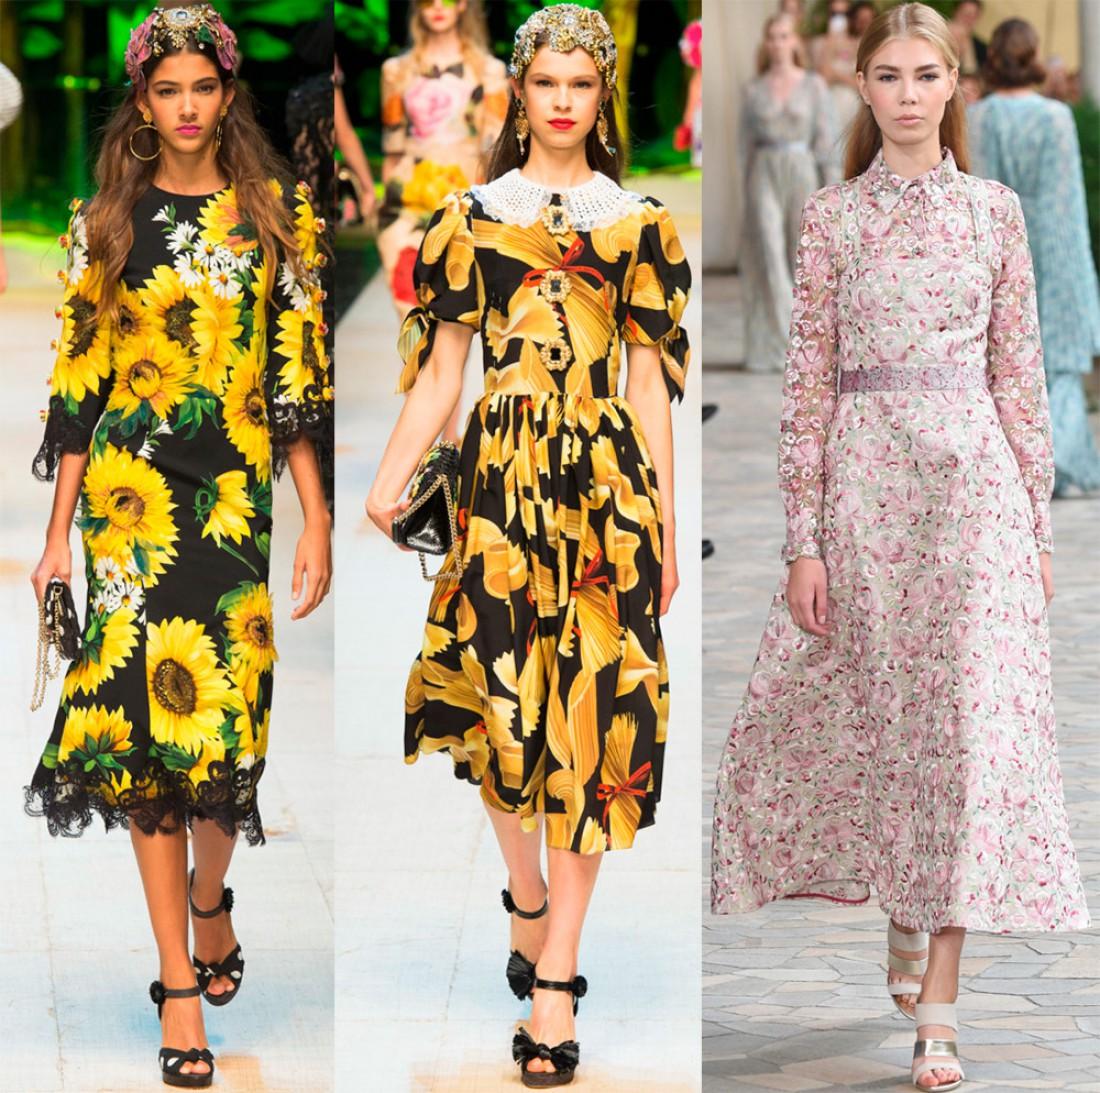 ТОП-3 стильных моделей платьев лета 2017